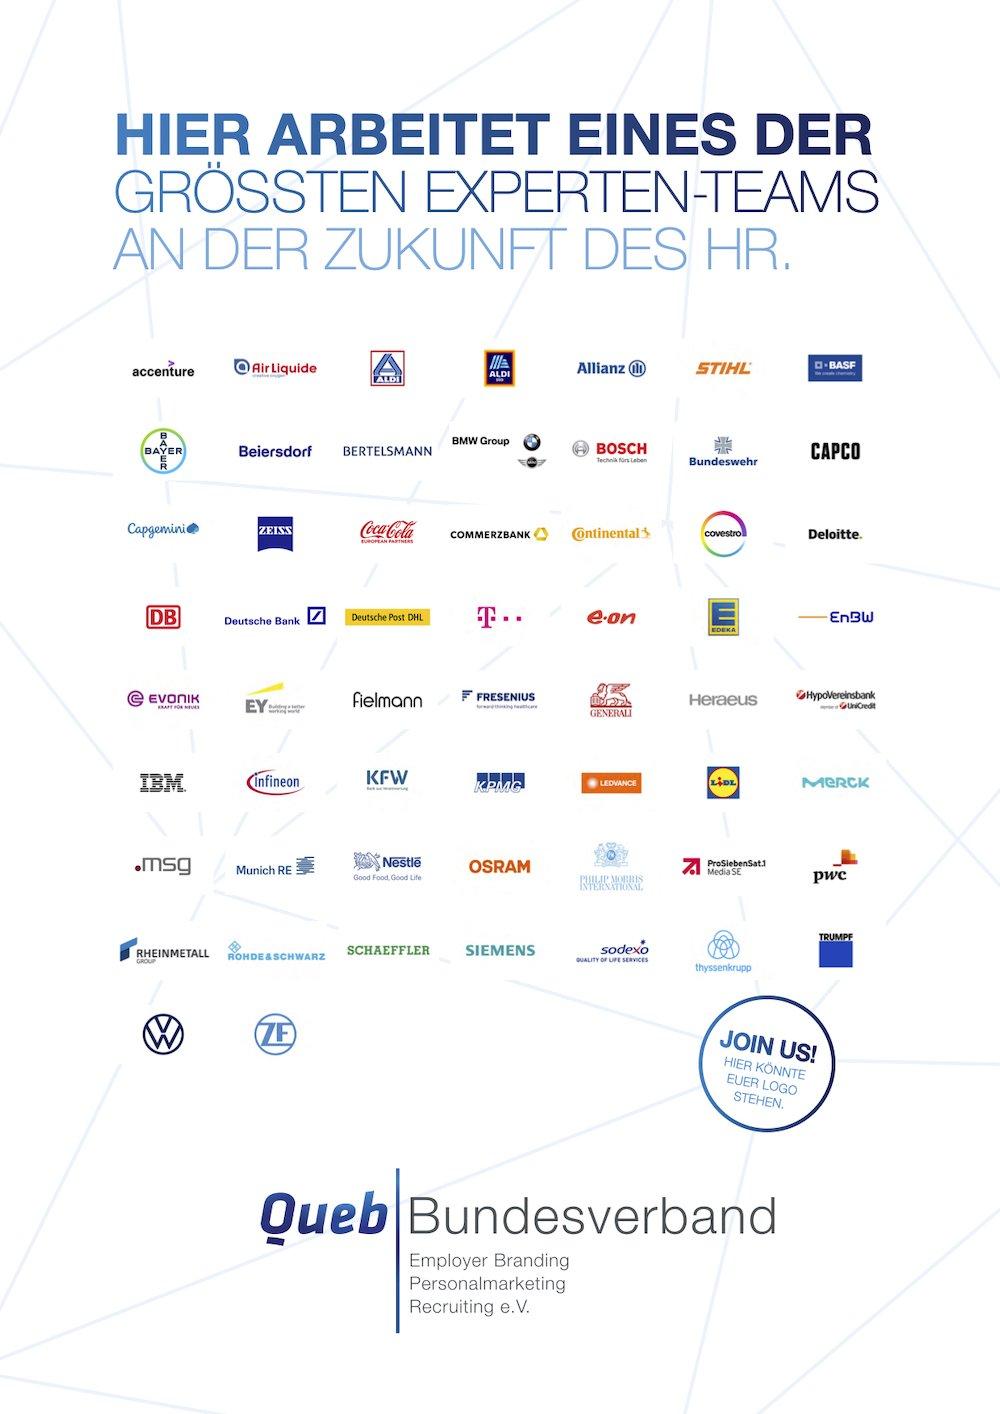 Hier arbeitet eines der größten Experten-Teams an der Zukunft des HR: Queb | Bundesverband für Employer Branding, Personalmarketing und Recruiting e. V.